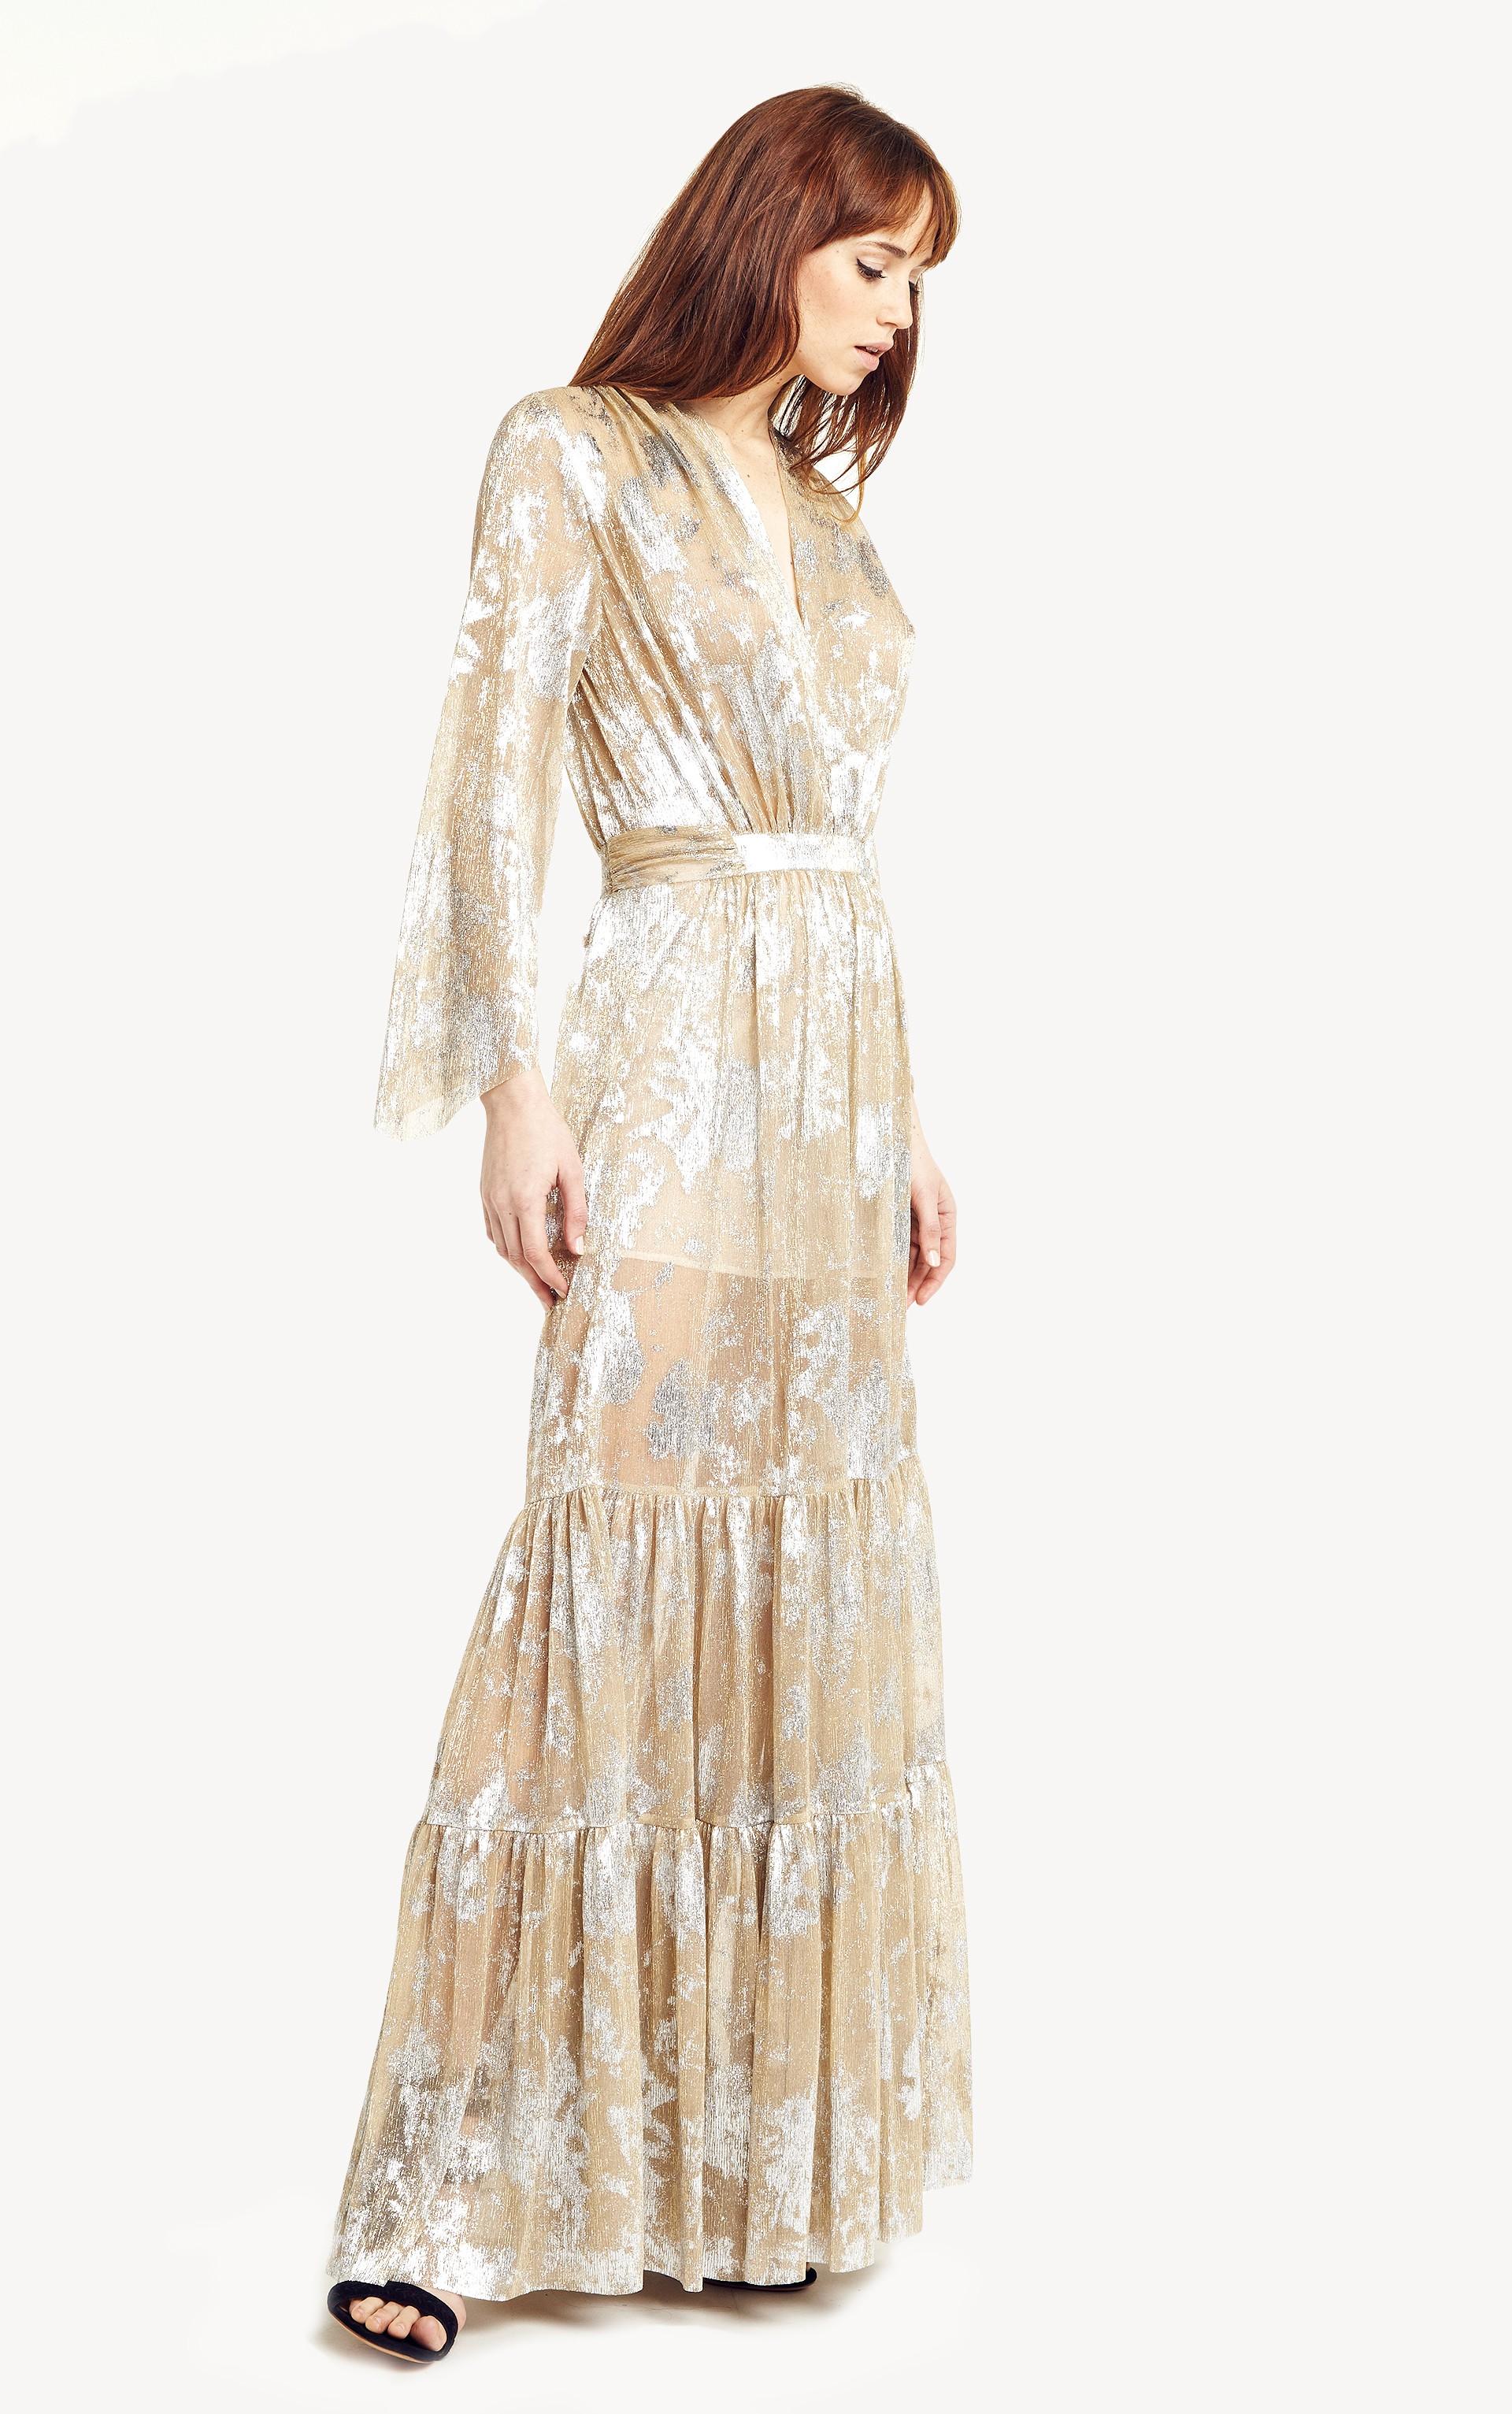 73aa5bc1d628 Robe Bash modèle Hendrix   longue robe décolleté cache coeur dorée et  argentée à louer 40